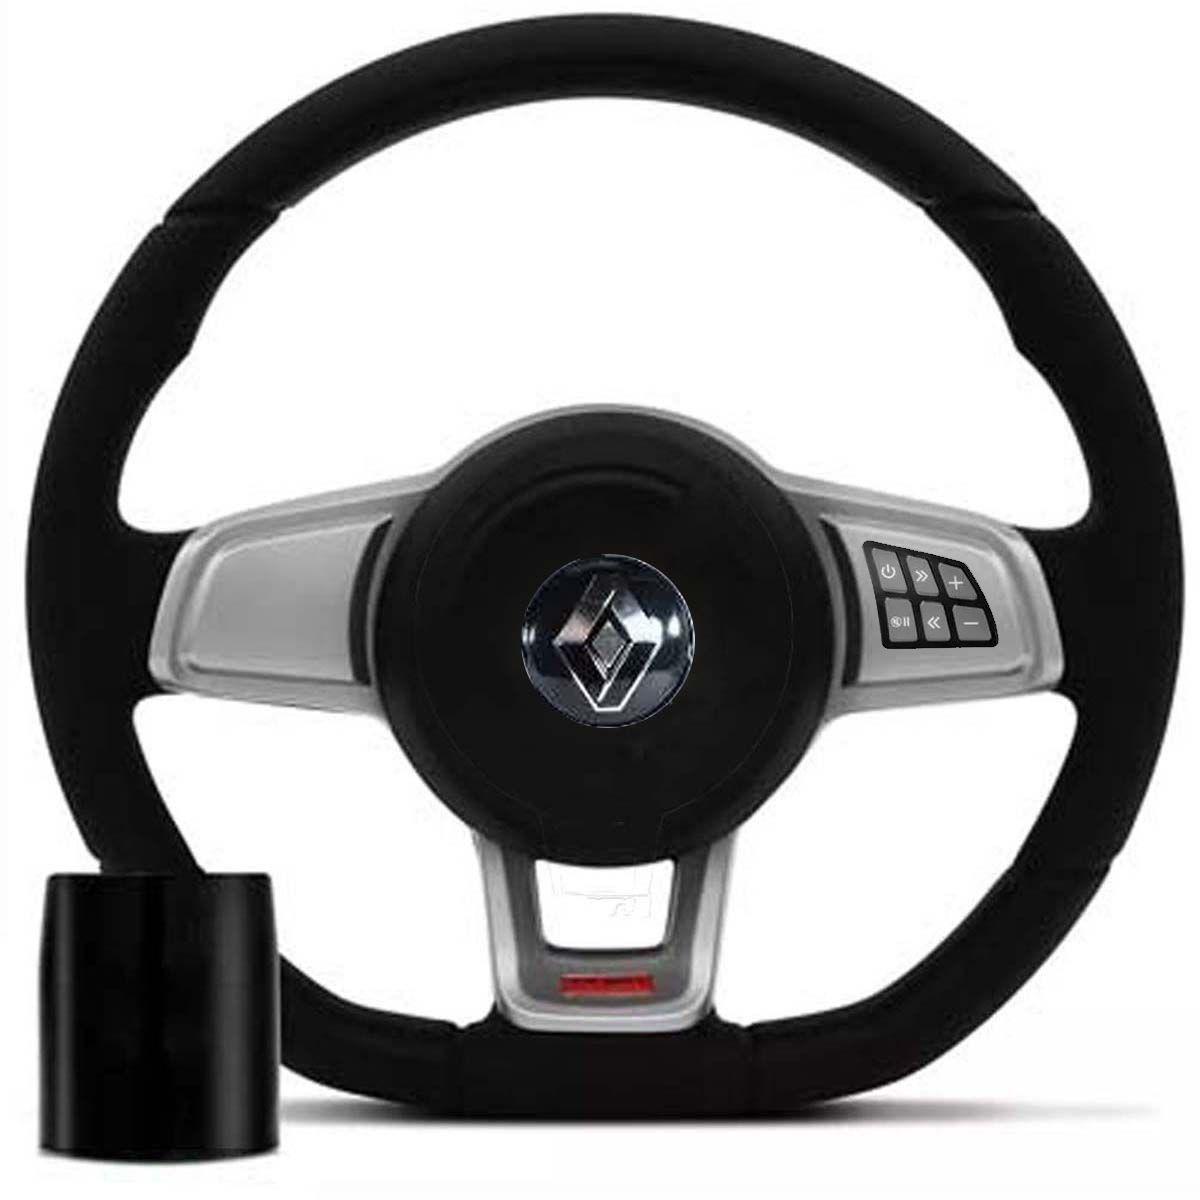 Volante Multifuncional Golf Gti Mk7 Renault Clio Logan Sandero Automotivo com Tampa Acionador de Buzina + Cubo